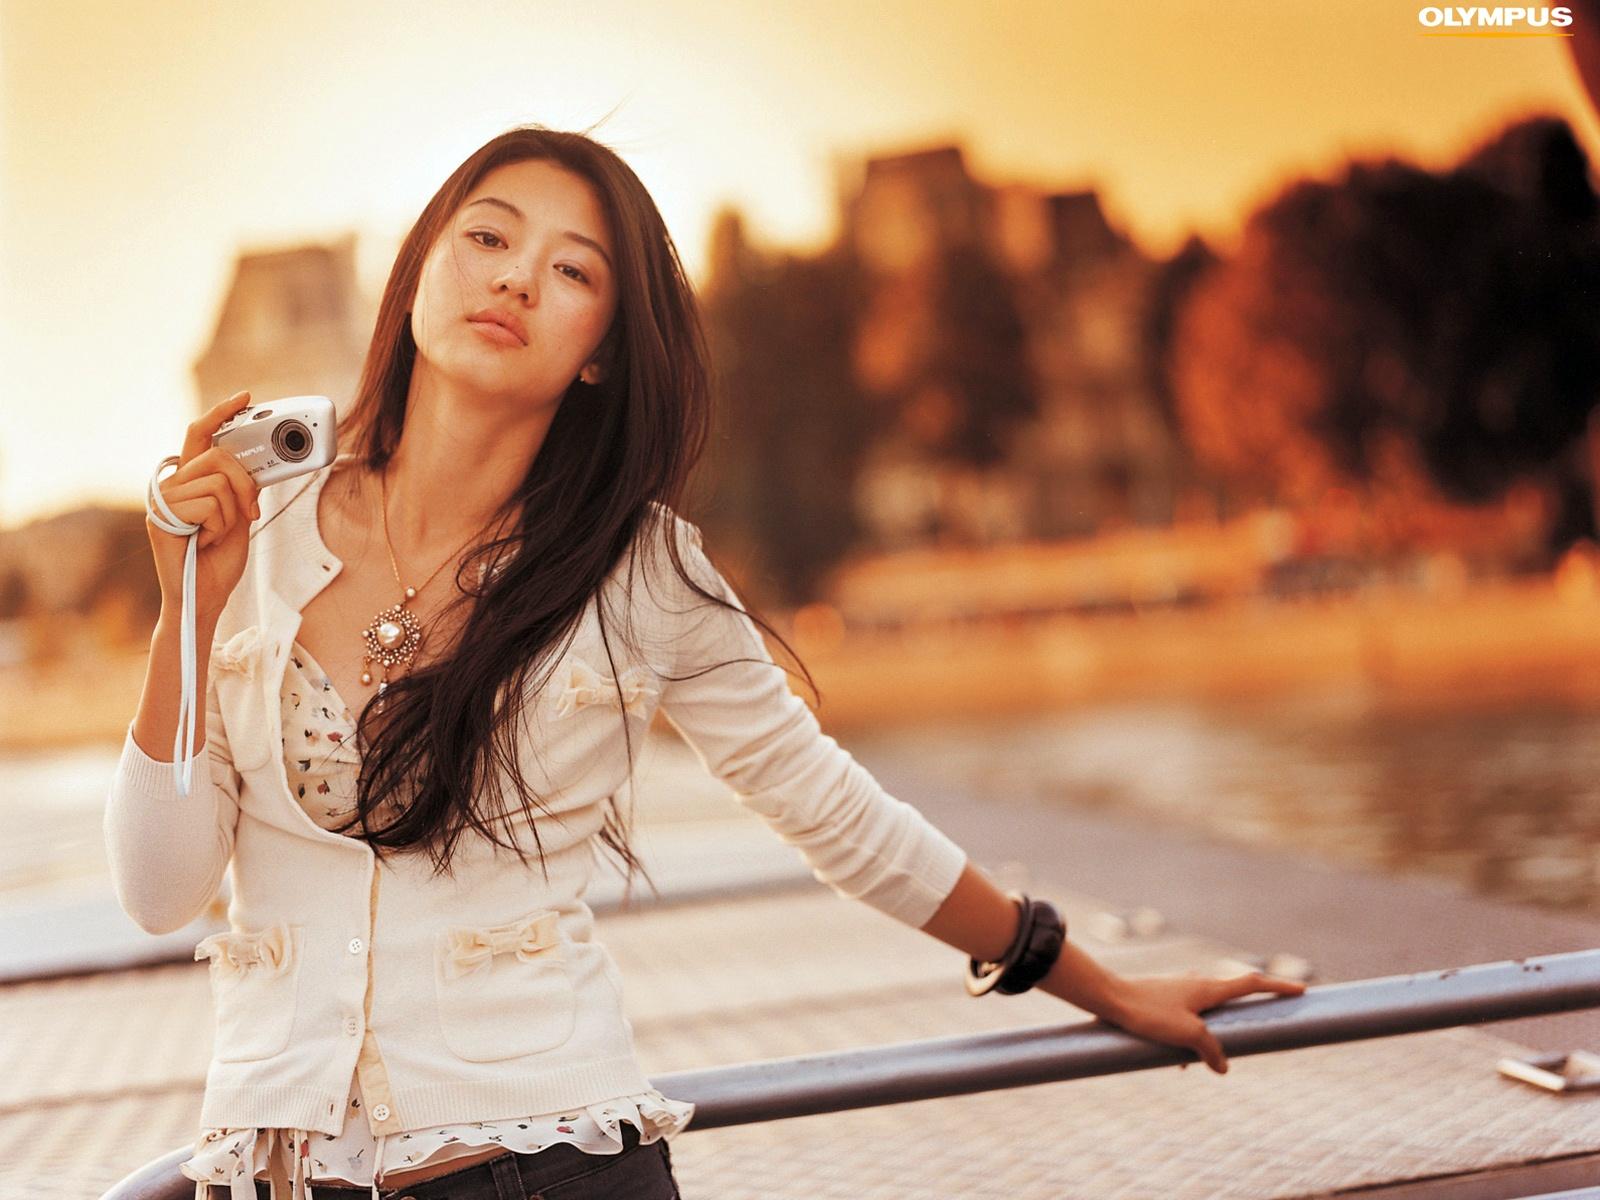 Korean Actress Jun Ji Hyun HD wallpaper 1600x1200